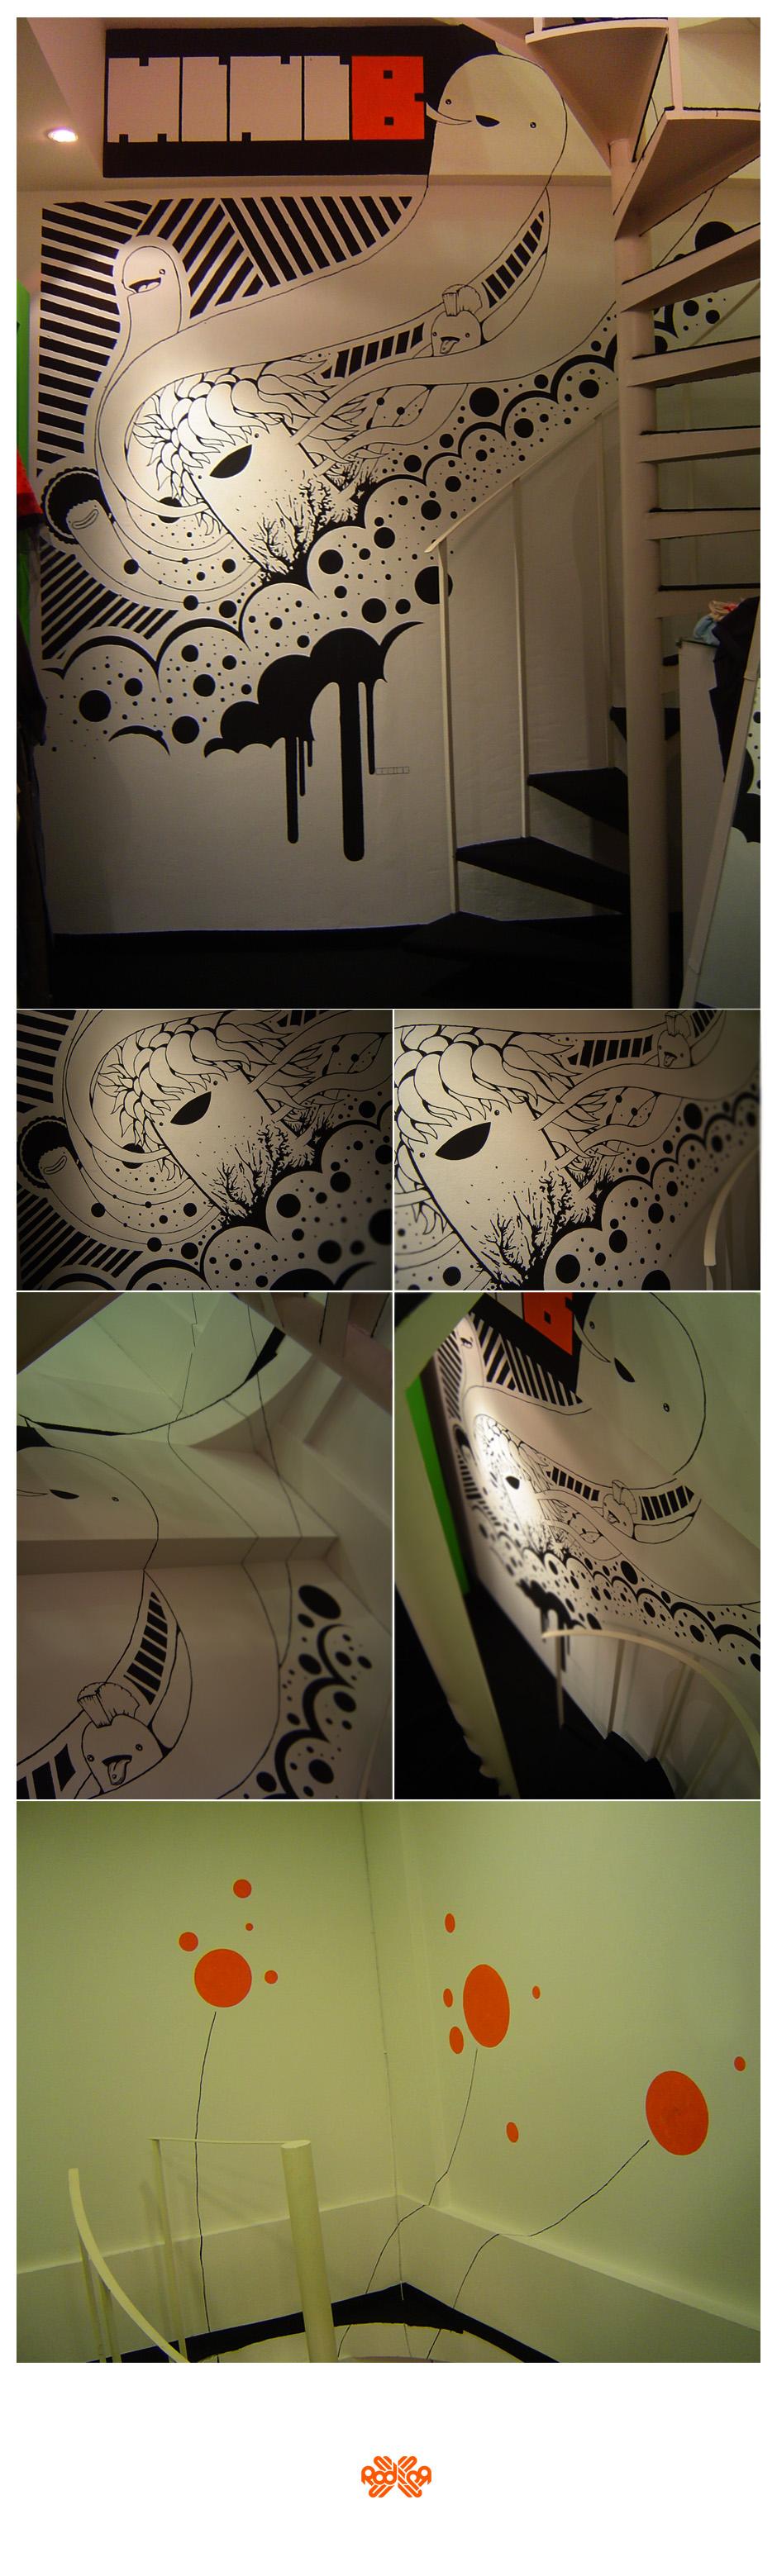 MiniB Mural by Rodier